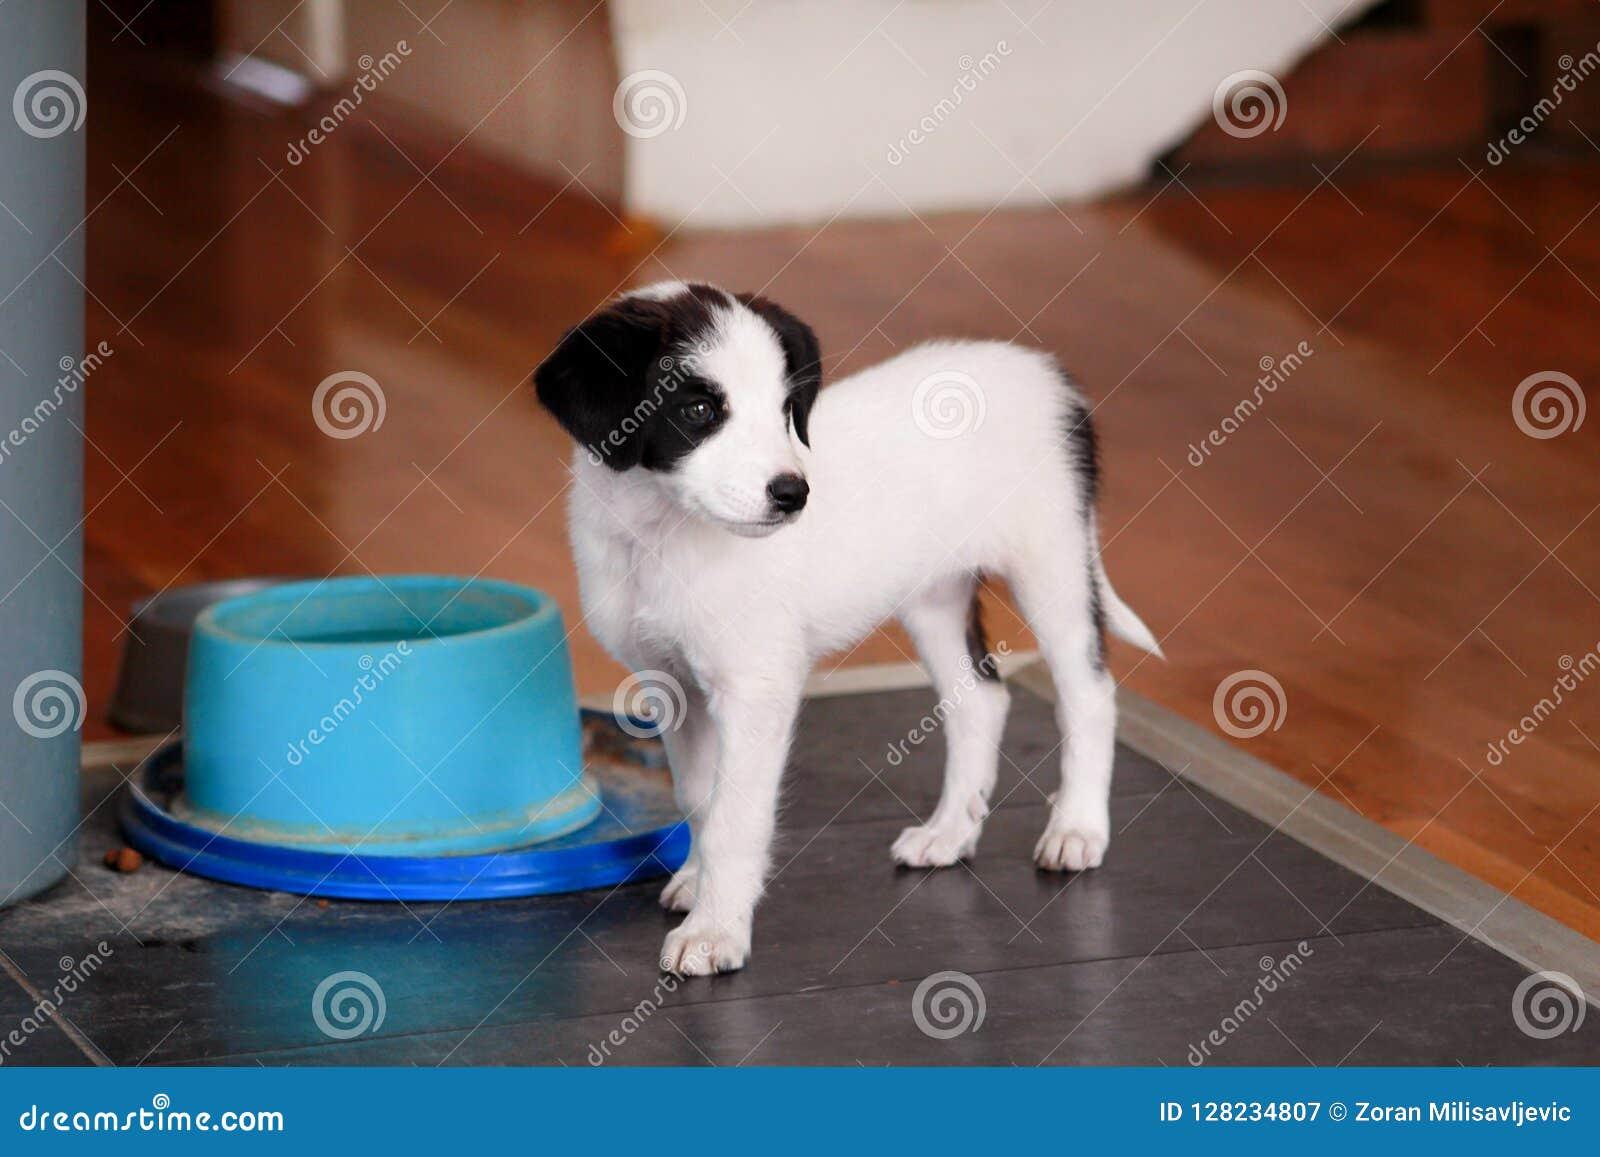 Le portrait du chien femelle de petit chiot pose pour la séance photos, fin  Petite race mélangée, chiots adorables et chiens hyb